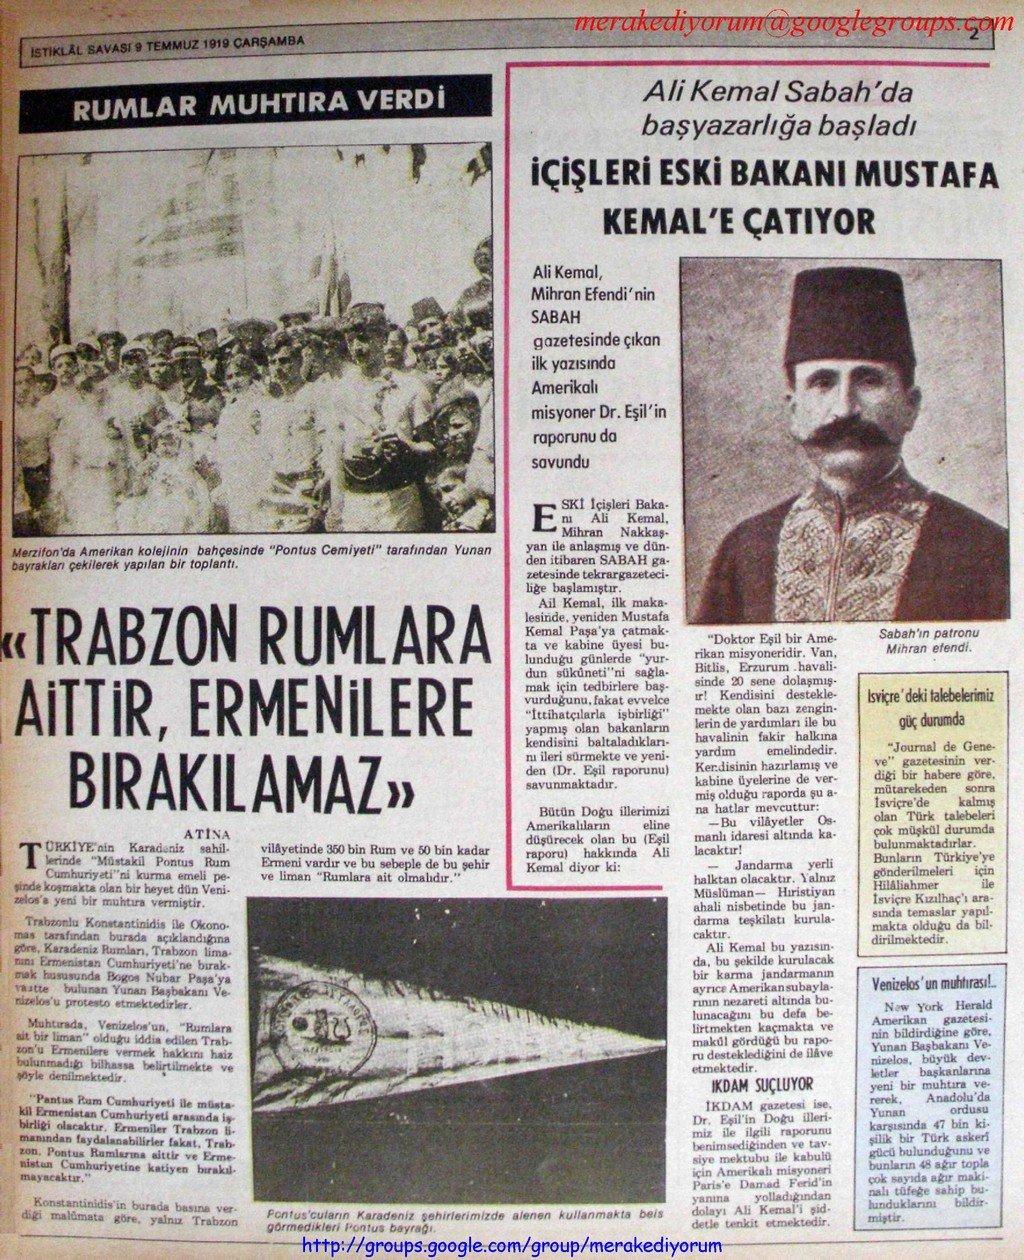 istiklal savaşı gazetesi - 9 temmuz 1919